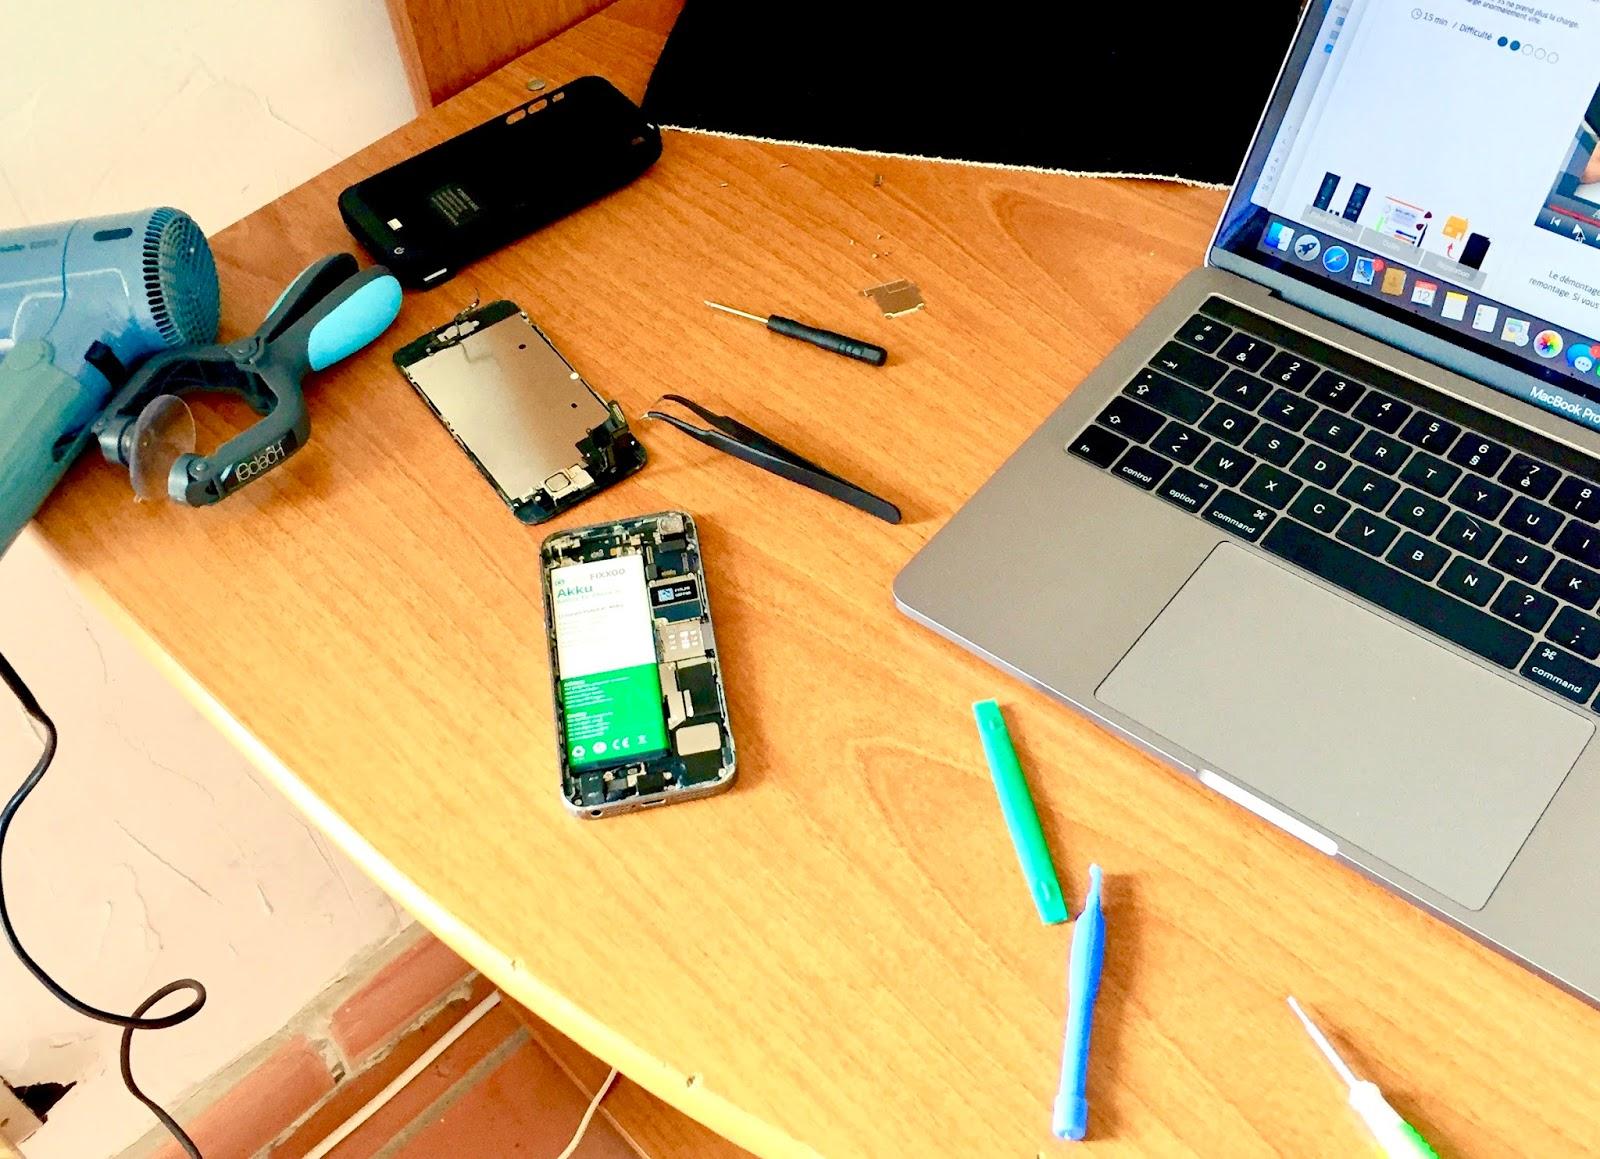 ghislain messe j 39 ai chang la batterie de mon iphone 5s. Black Bedroom Furniture Sets. Home Design Ideas